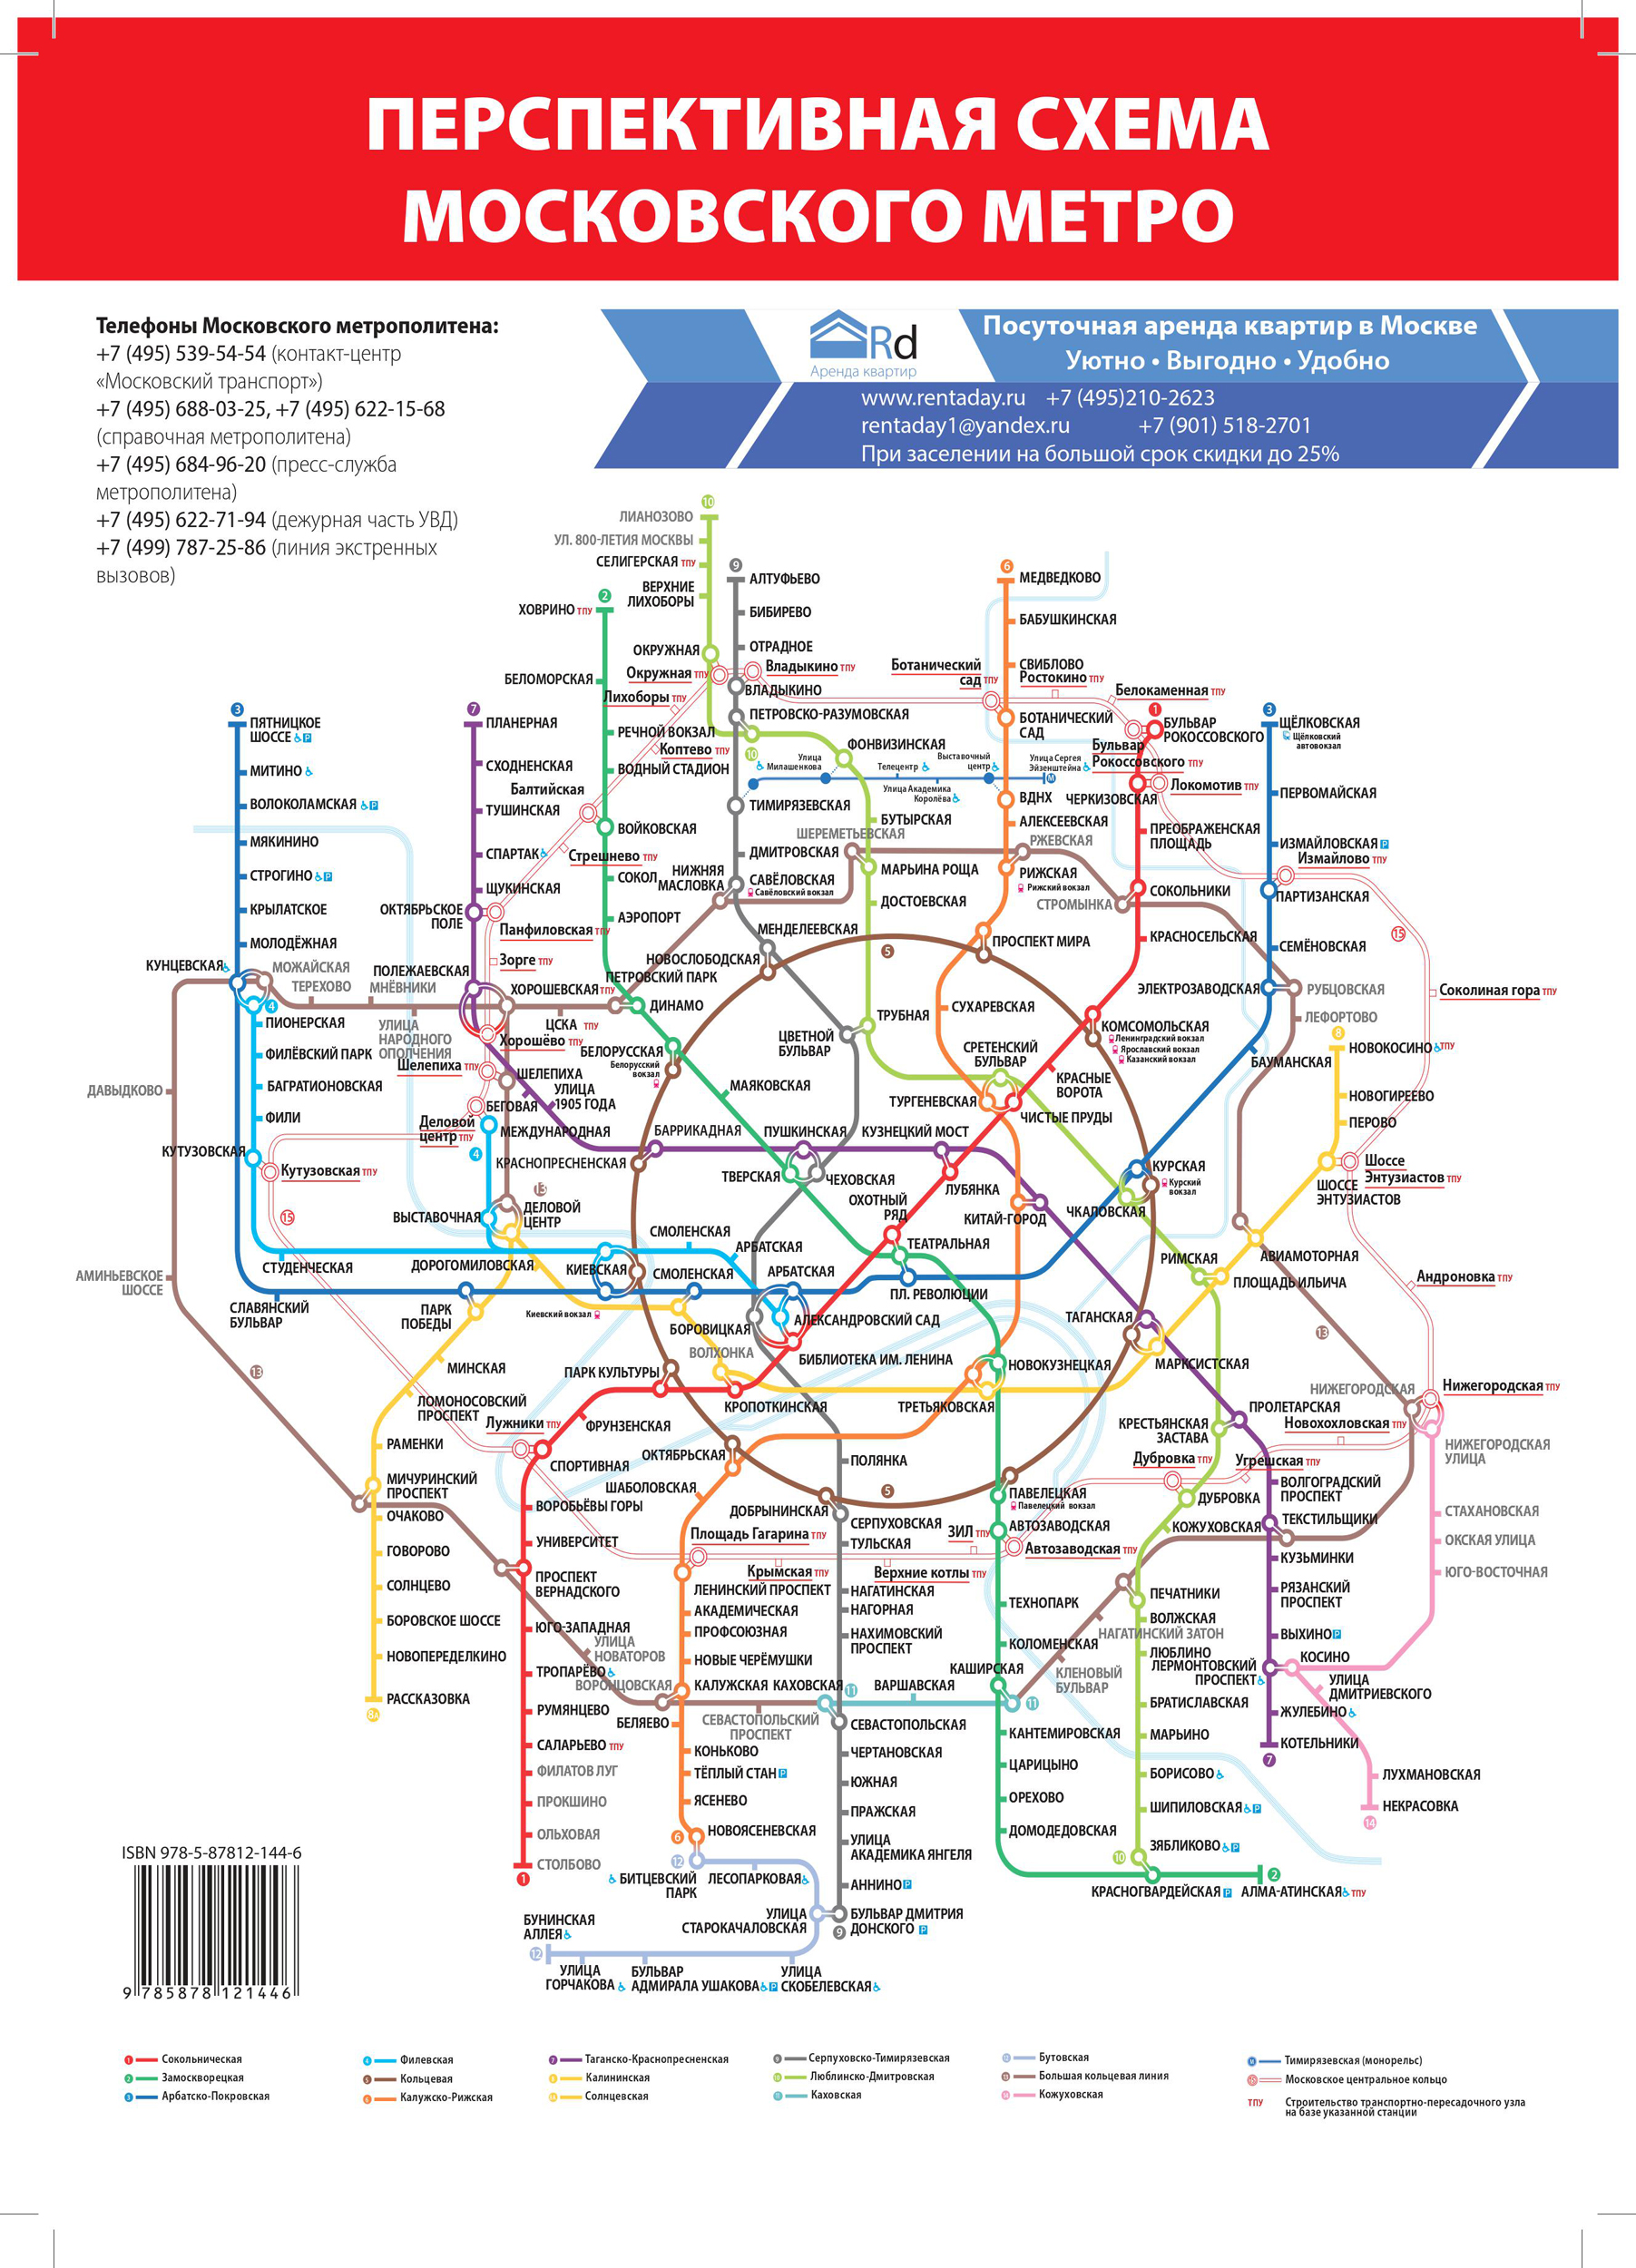 схема метро в москве фото